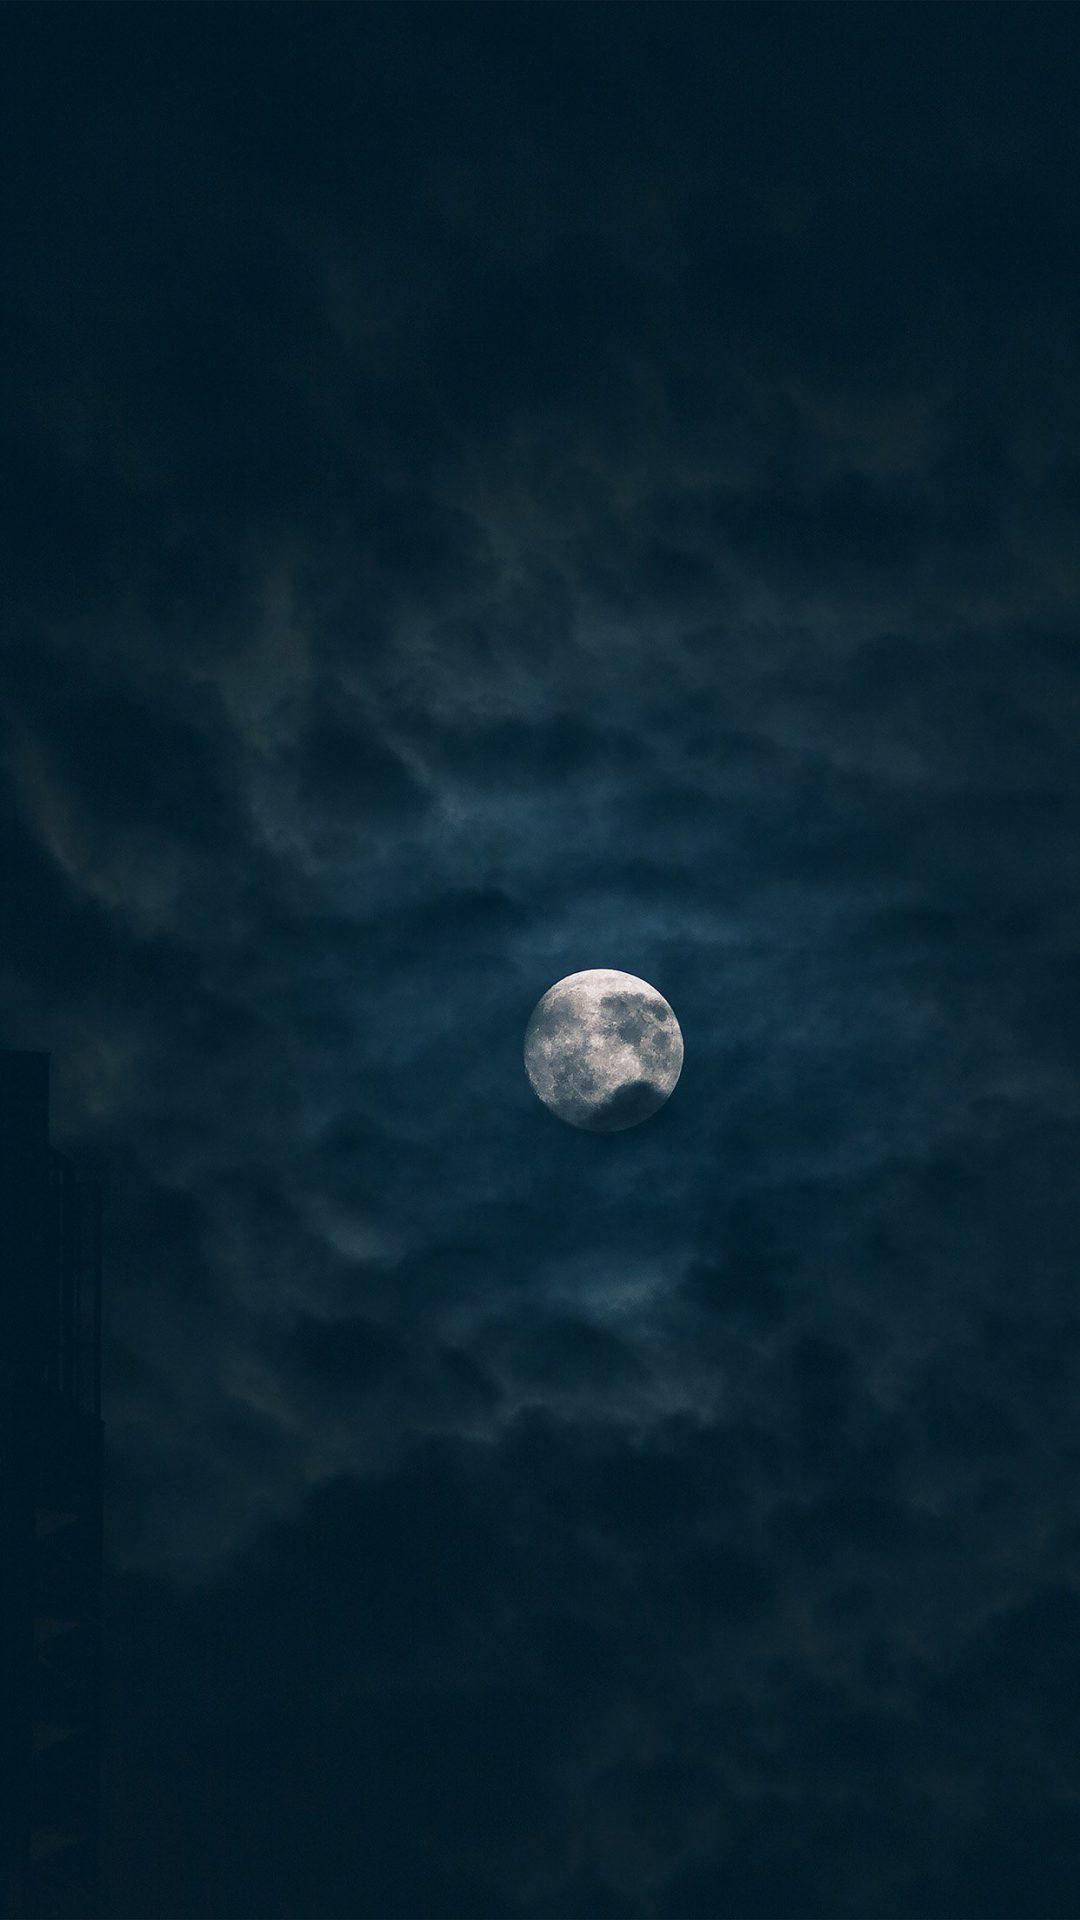 Moon Sky Dark Night Nature